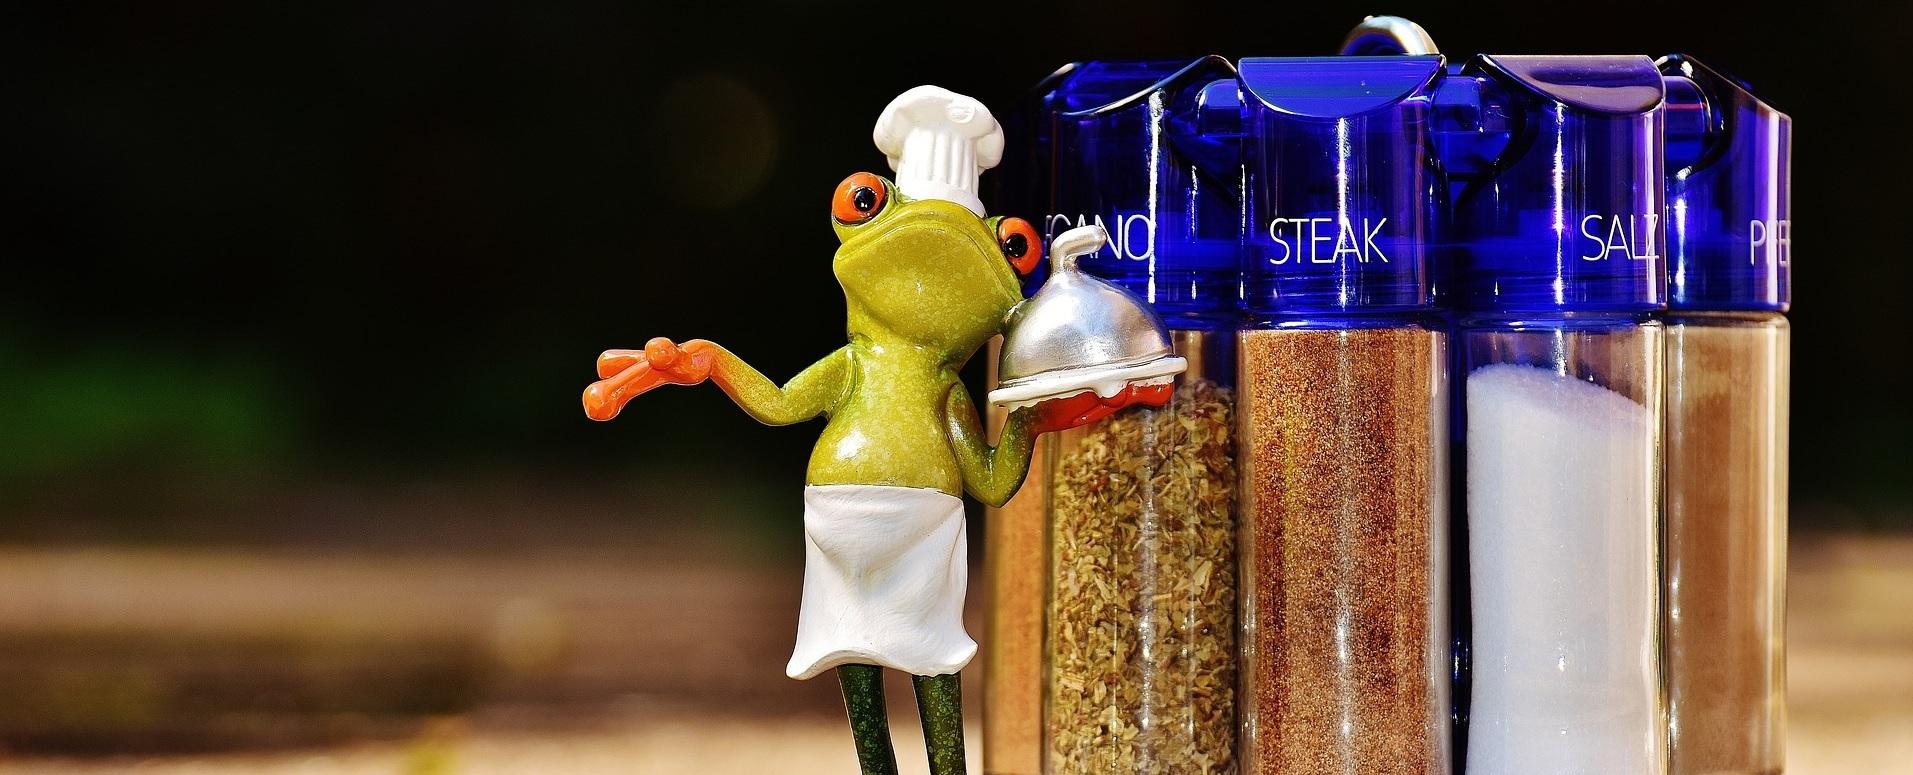 Kellner Frosch Gewürze Steak Salz Pfeffer